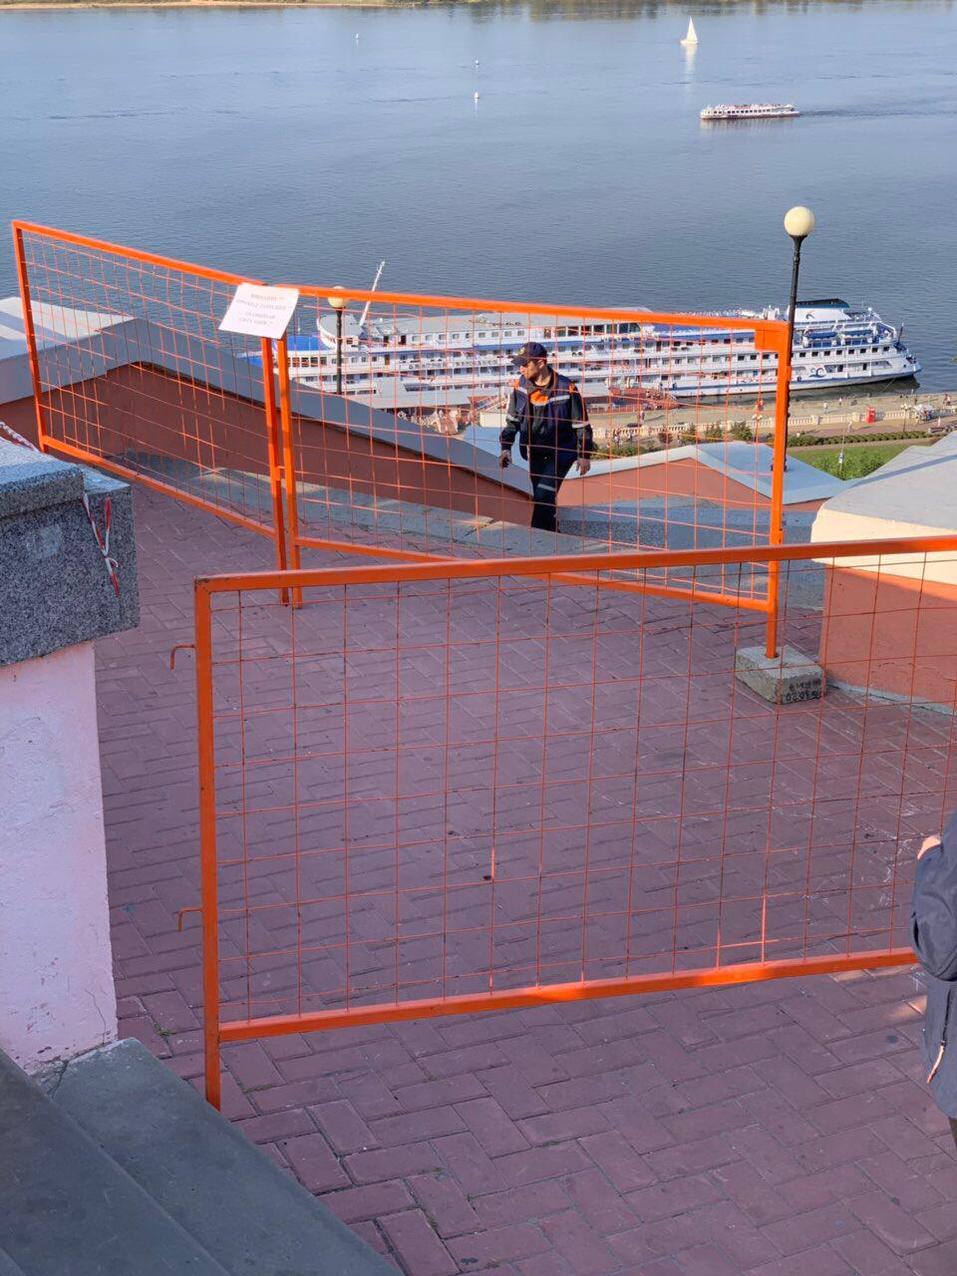 В Нижнем Новгороде обрушилась часть смотровой площадки Чкаловской лестницы 3